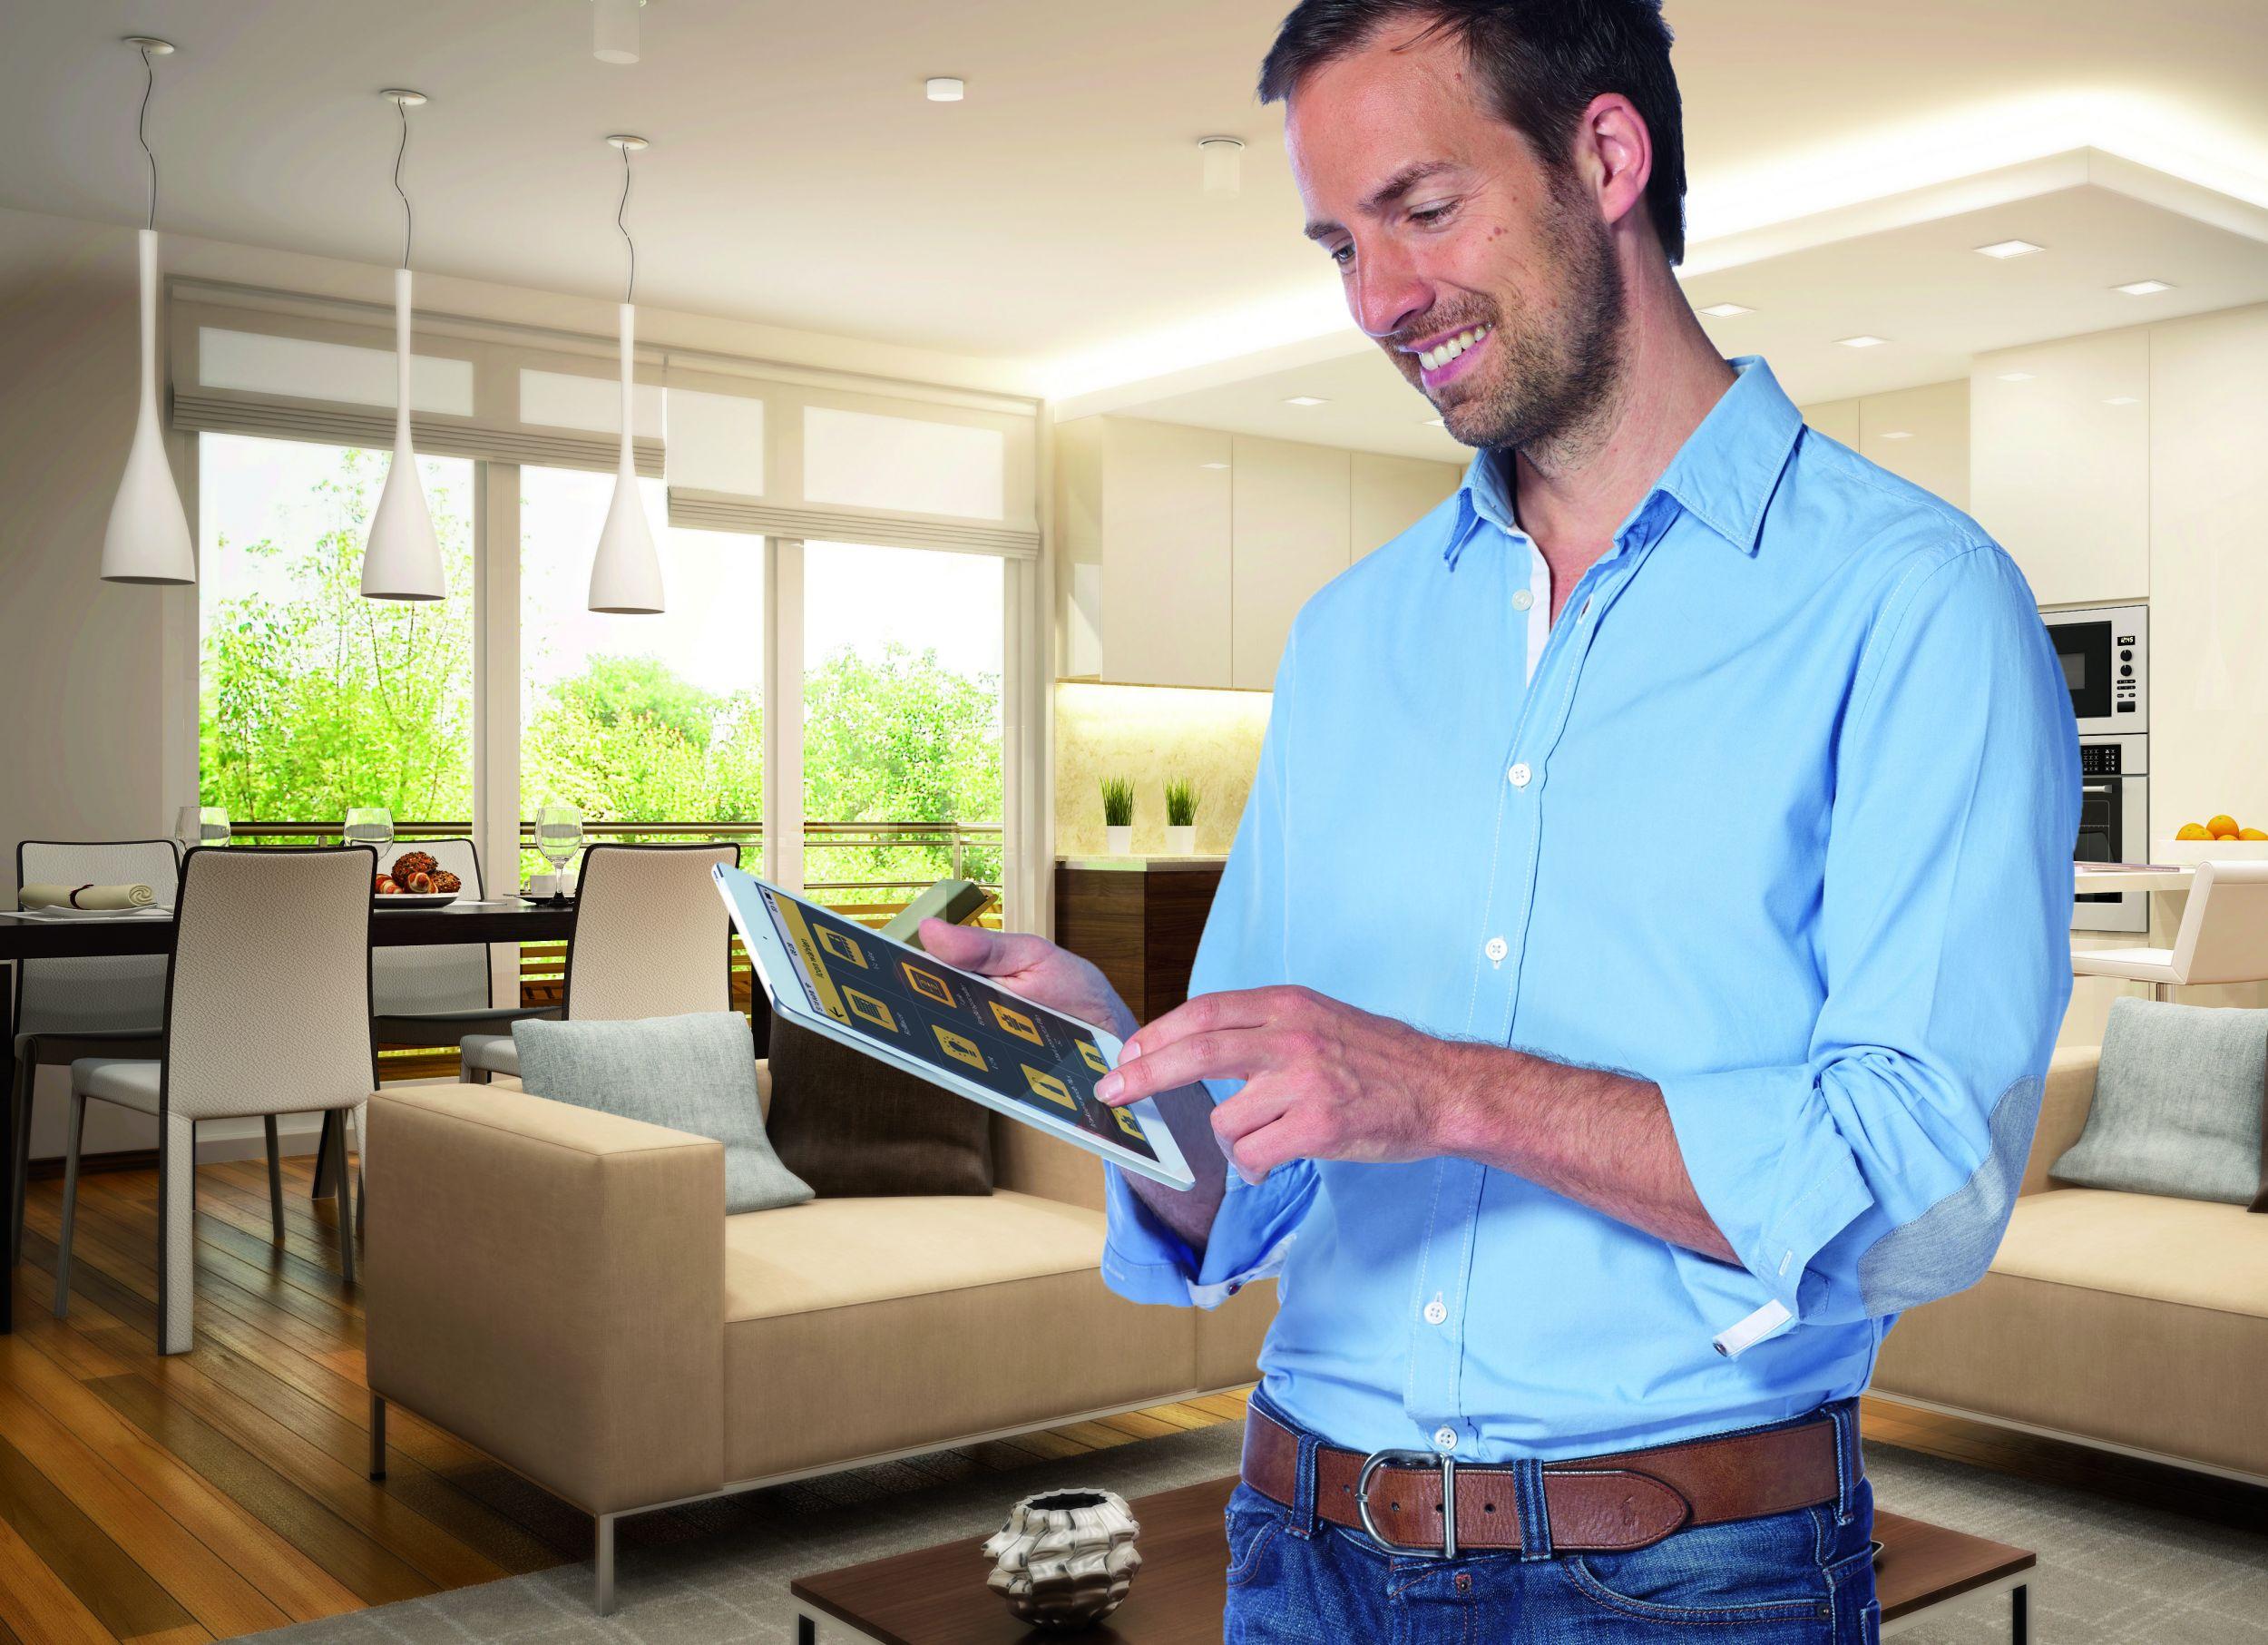 124754_1-Smart_Home_Losungen_Lichtsteuerun_20170215105927 Spannende Lampen Per App Steuern Dekorationen